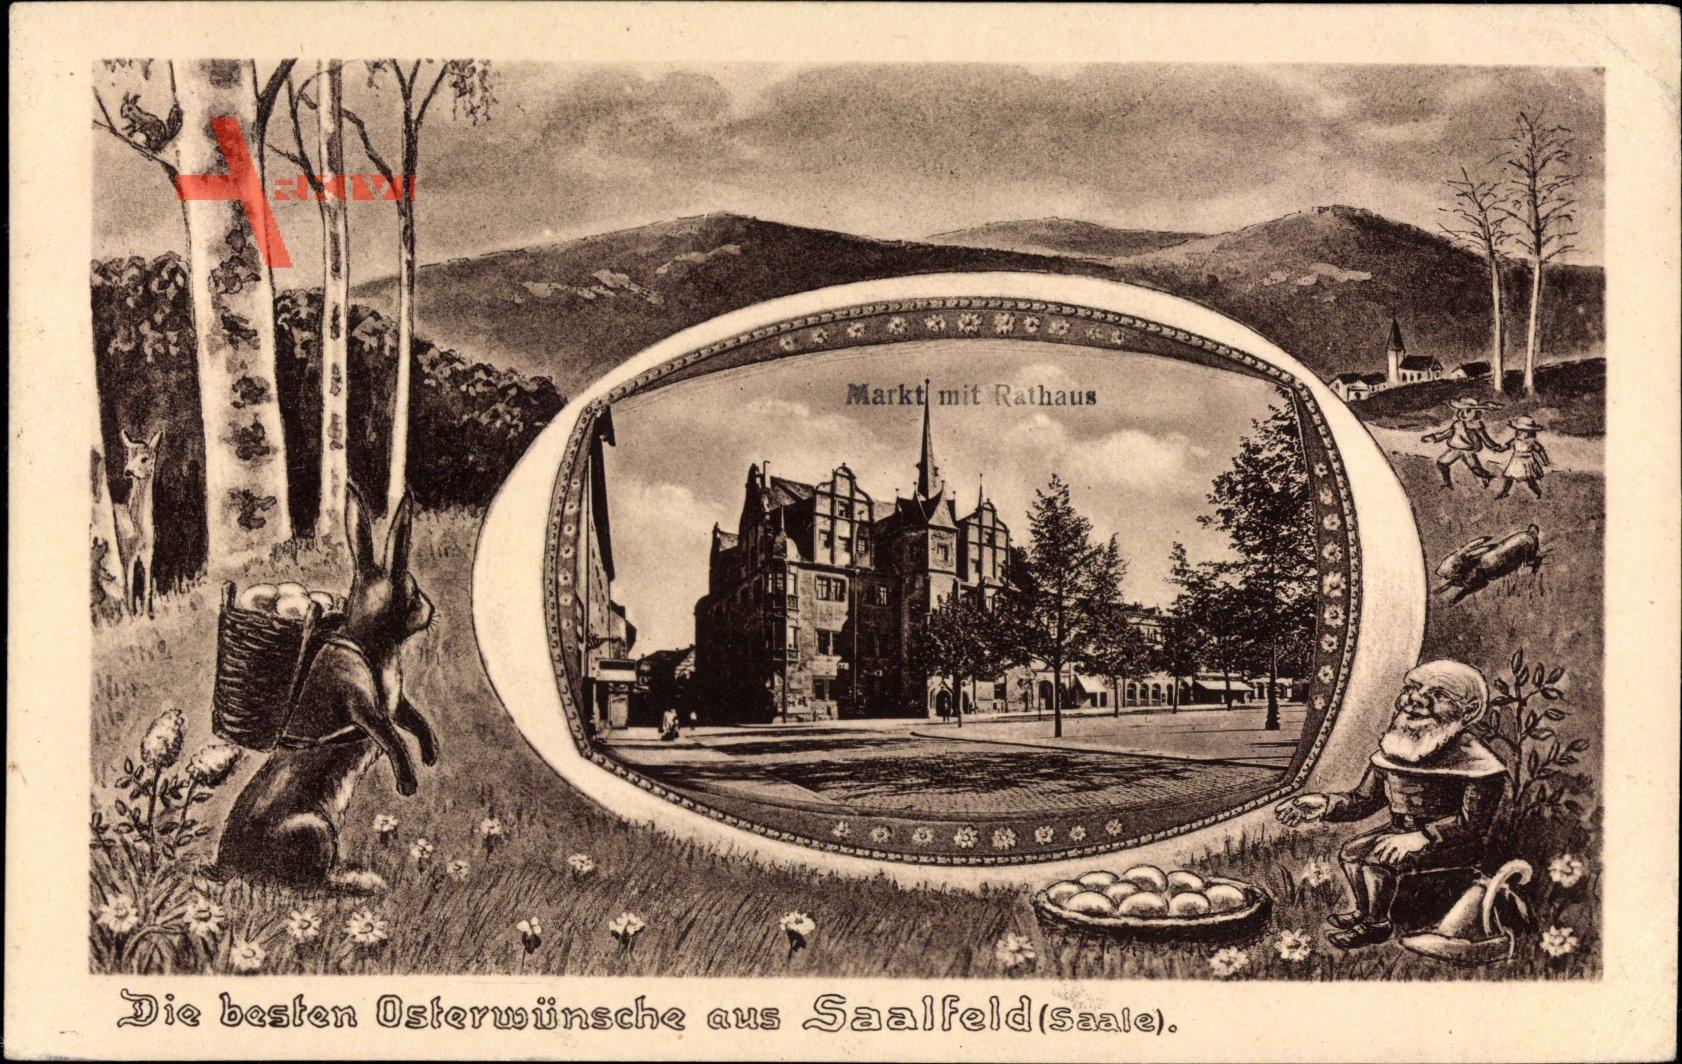 Saalfeld an der Saale Thüringen, Glückwunsch Ostern, Rathaus, Zwerg, Hase